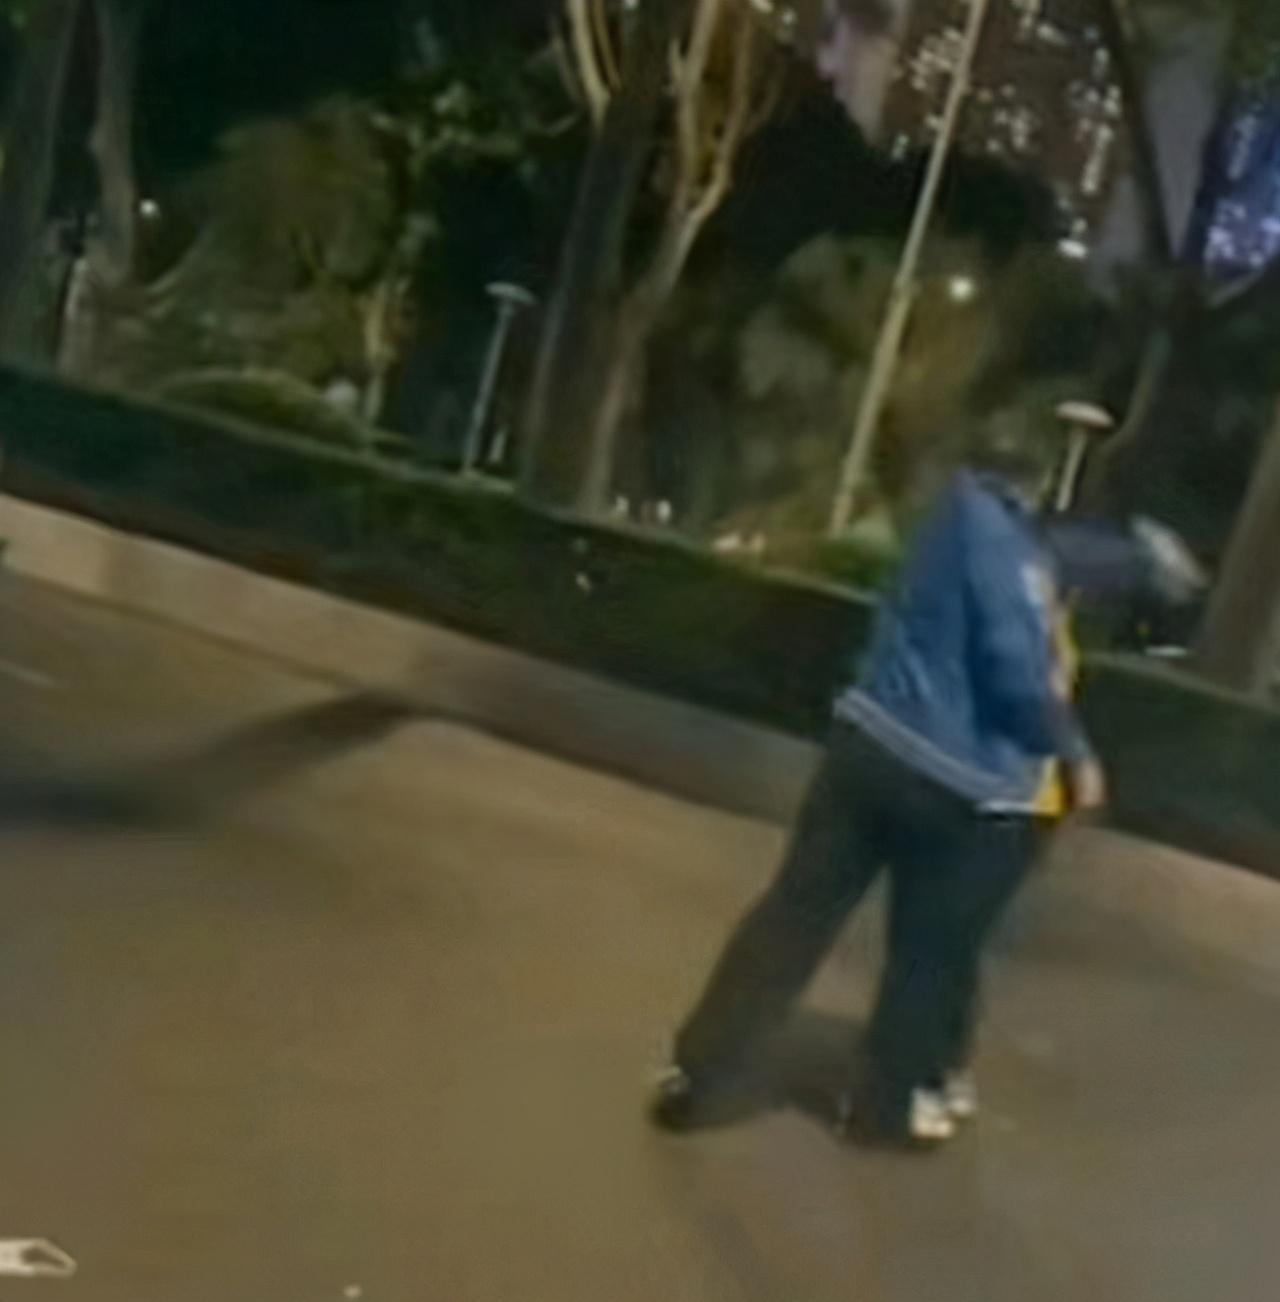 广州外卖小哥被当街暴打,全程无法还手,打人者恐吓路人:谁拦弄死谁